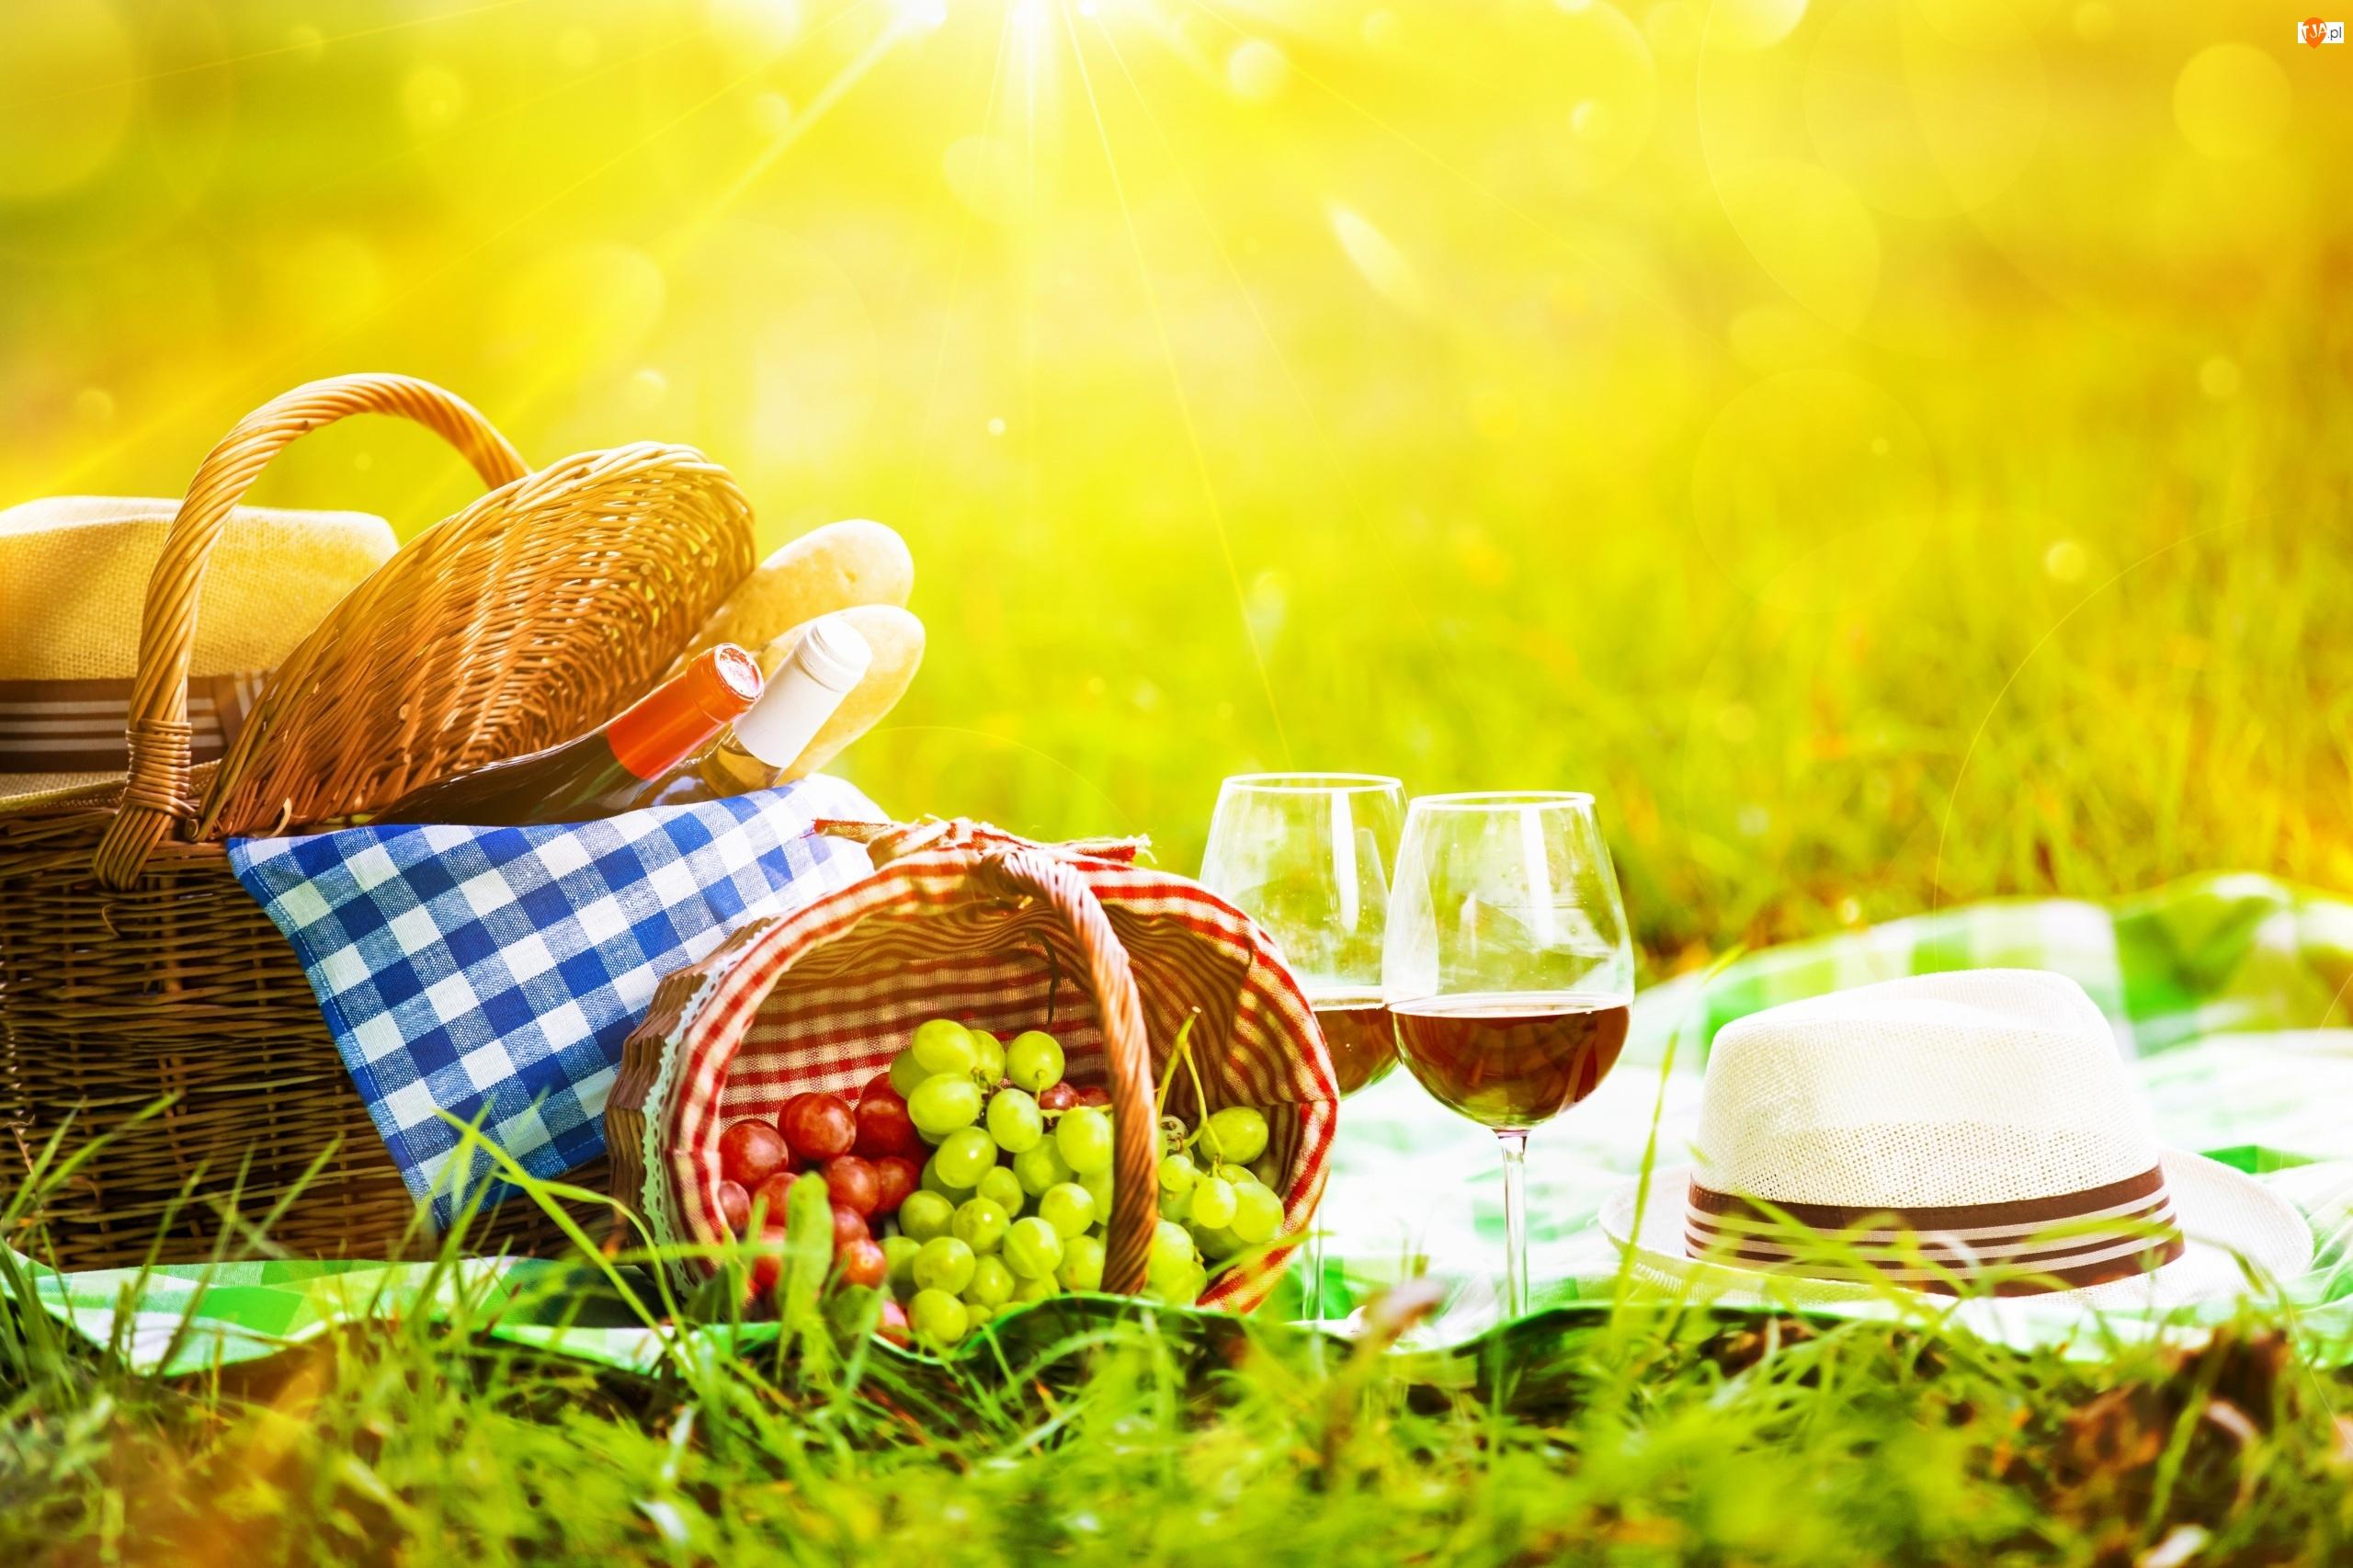 Wino, Koszyki, Kapelusze, Piknik, Słońce, Lato, Winogrona